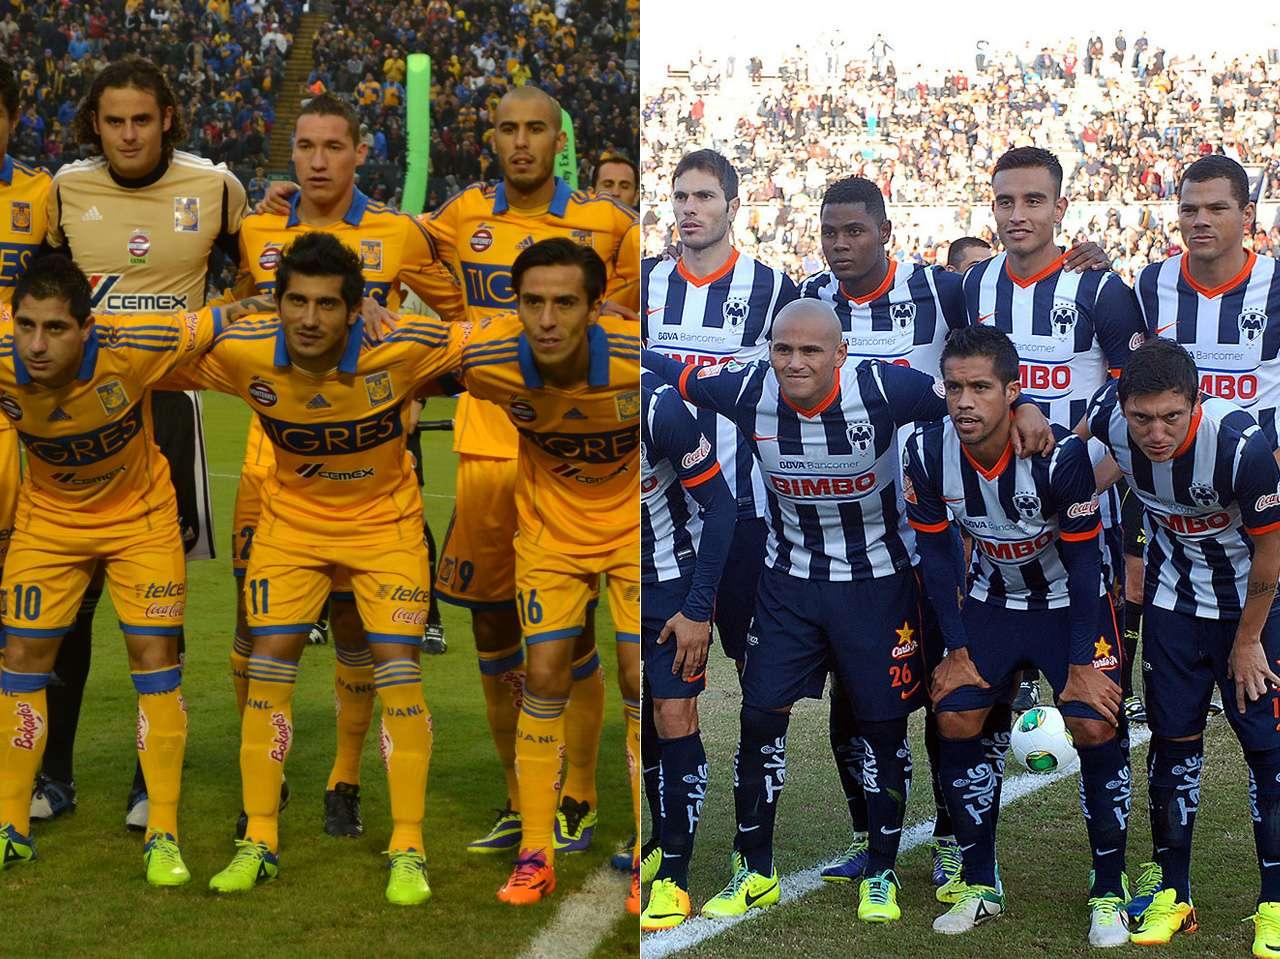 Tigres y Rayados apuestan por jugadores no nacidos en México